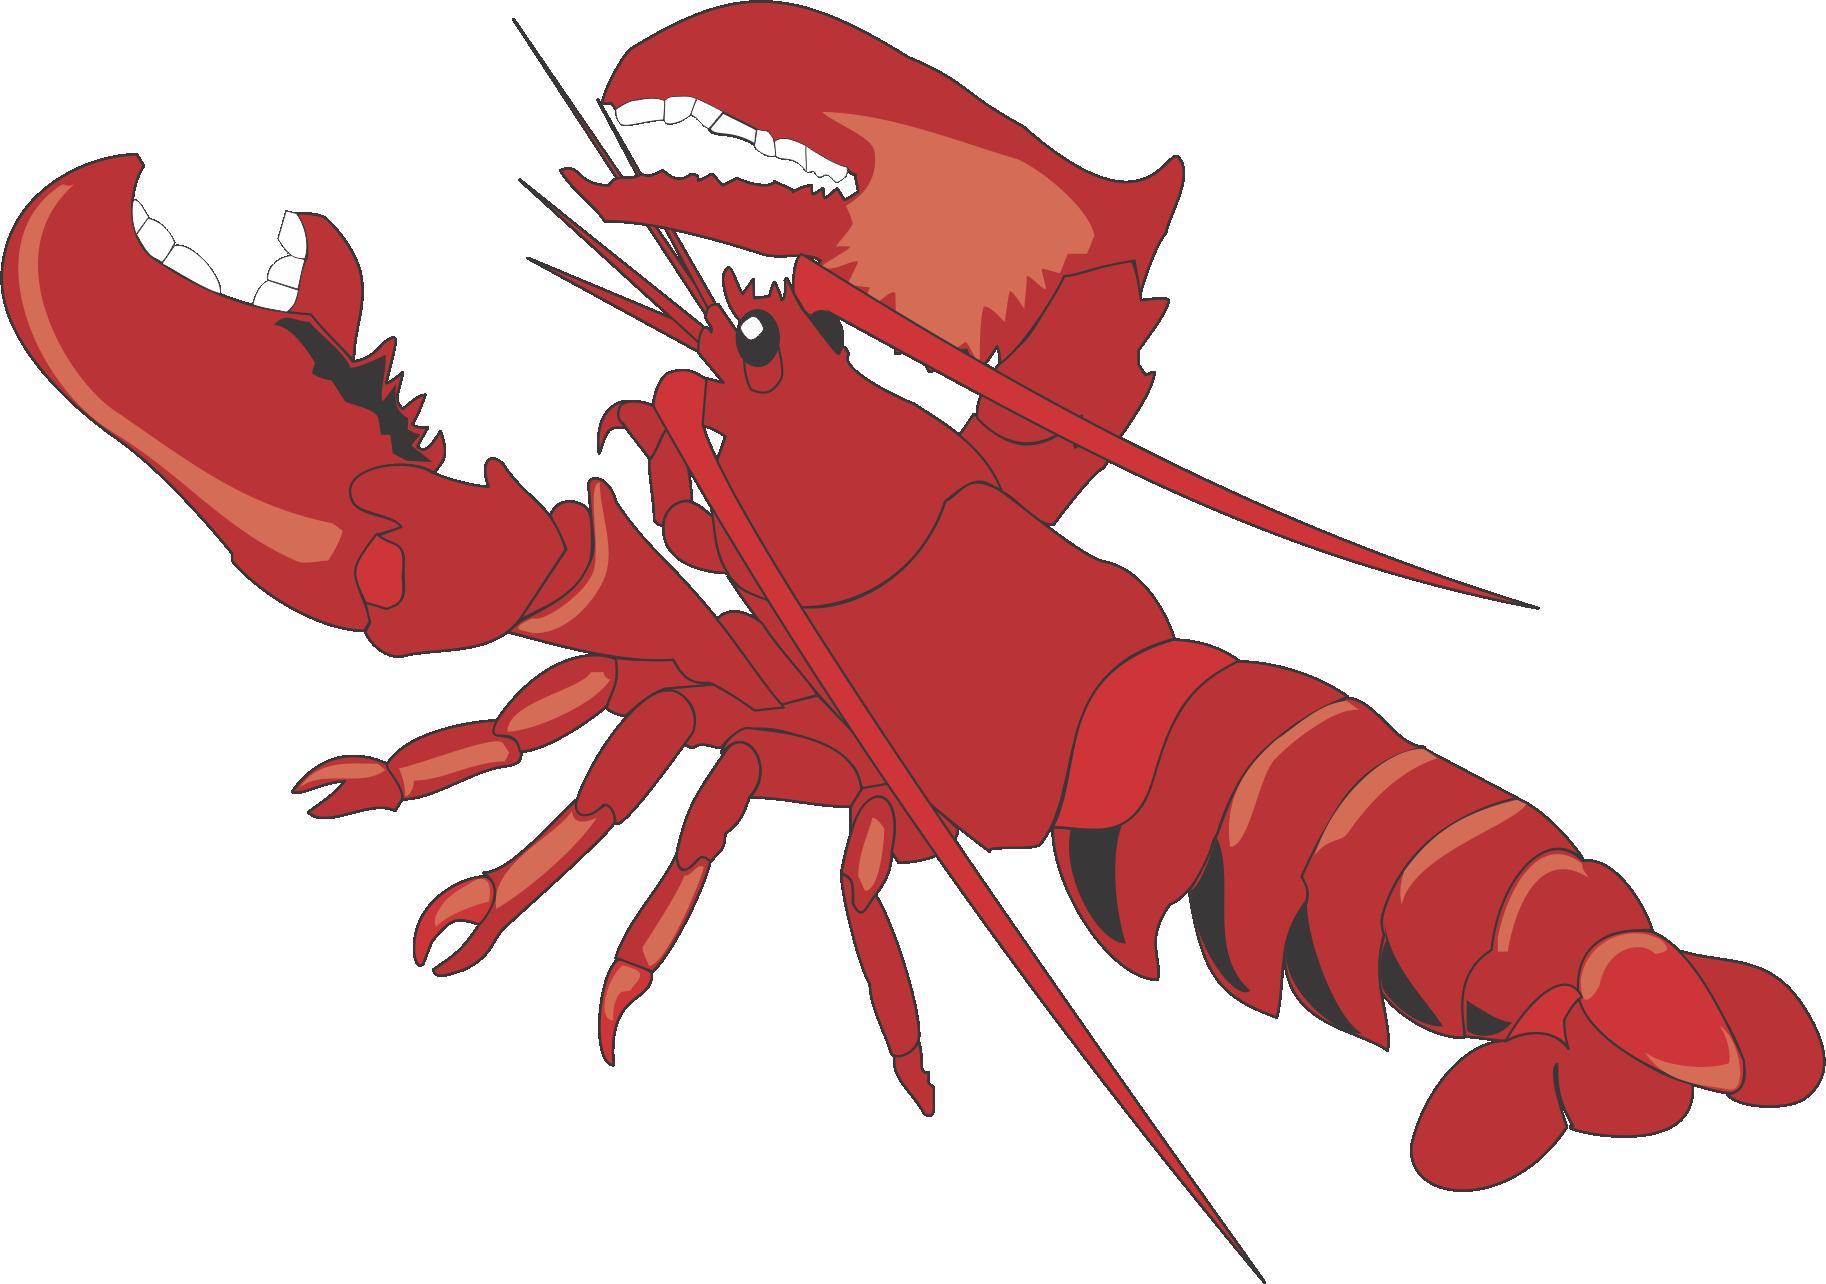 Lobster clipart shell fish. Cartoon clip art transprent